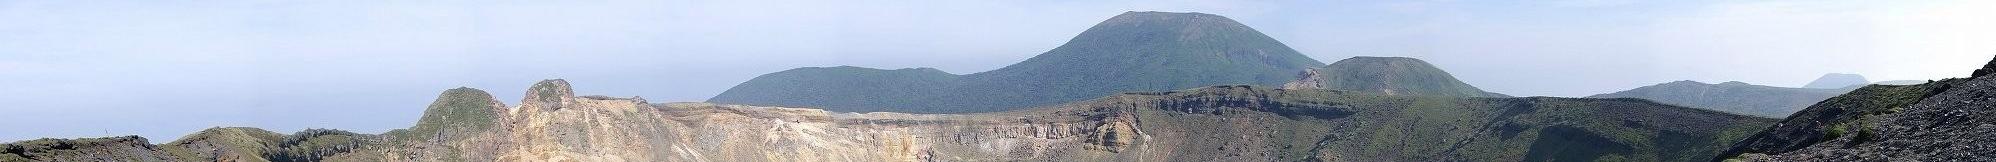 新燃岳の写真 4−2